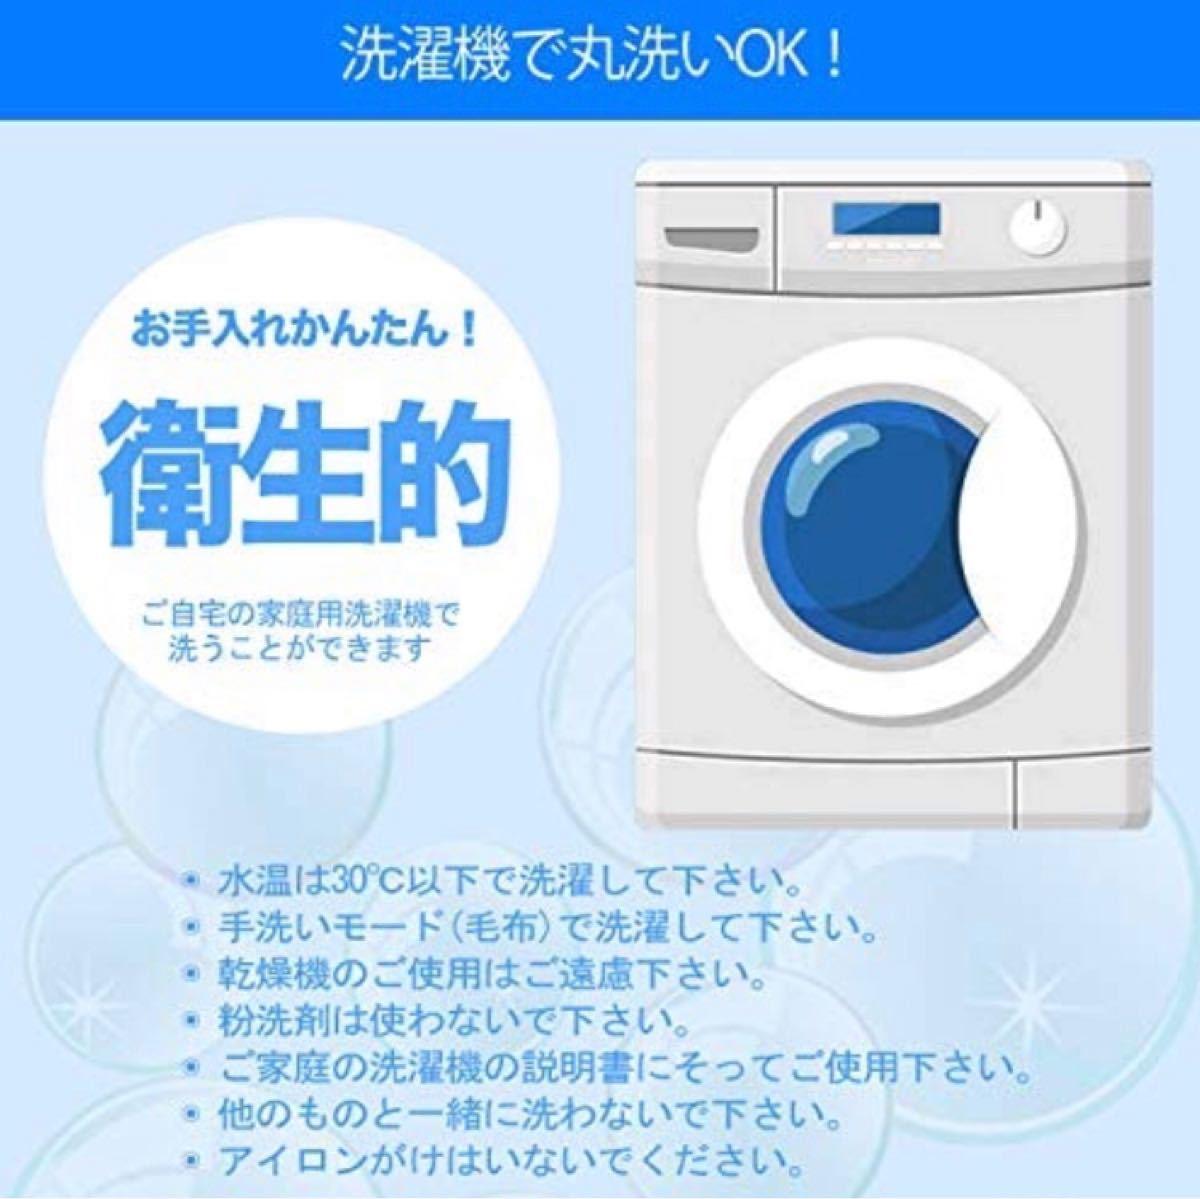 寝袋シュラフ 封筒型 コンパクト収納 丸洗い抗菌使用 最低使用温度-10°C ダークグリーン